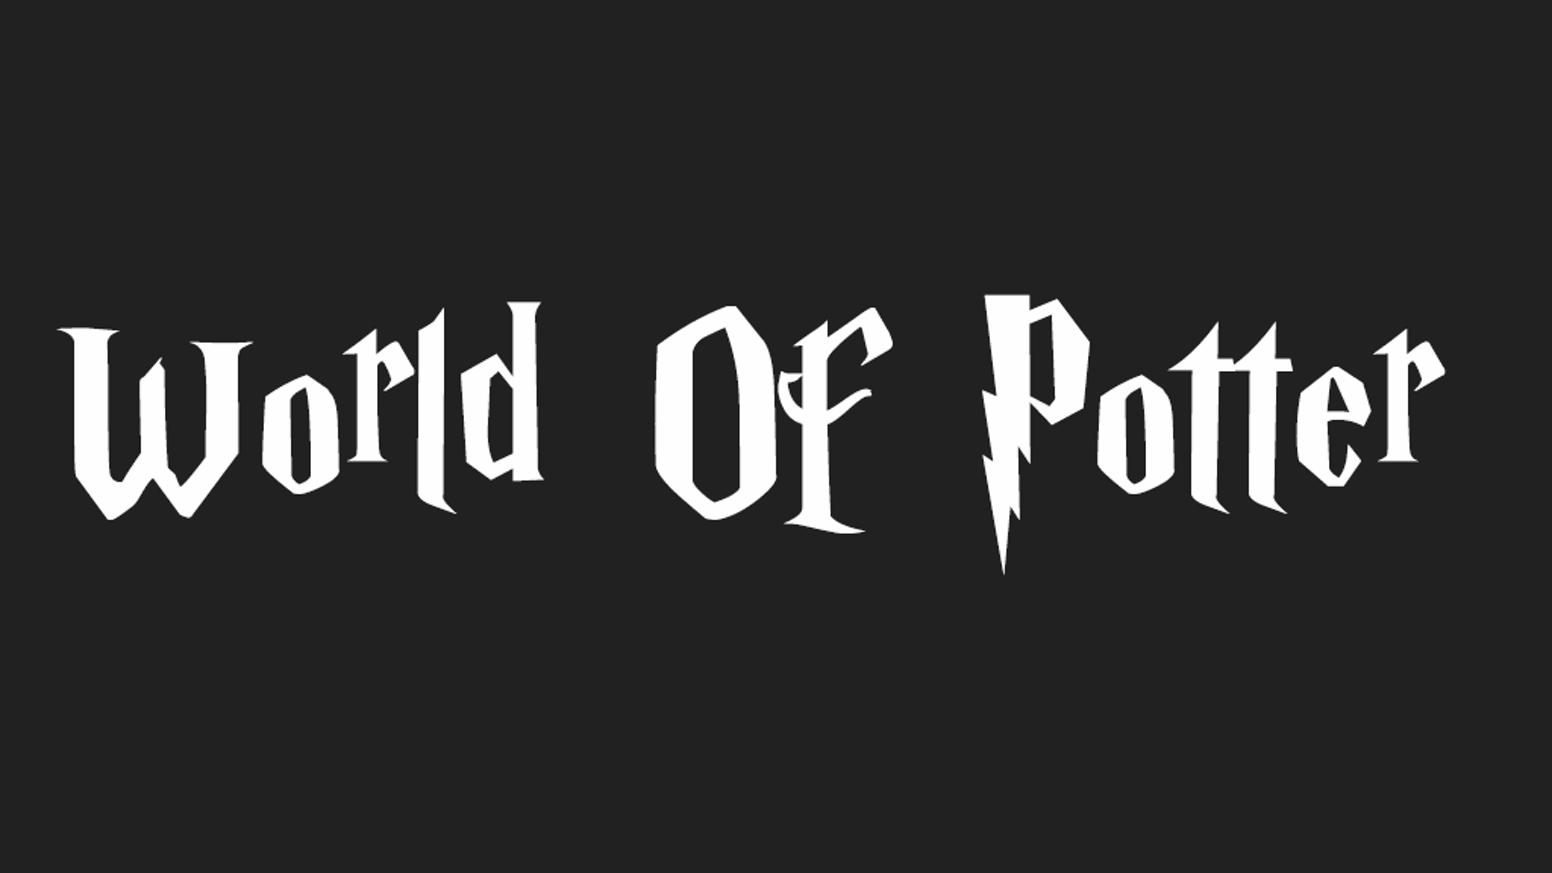 logo jeu world of potter